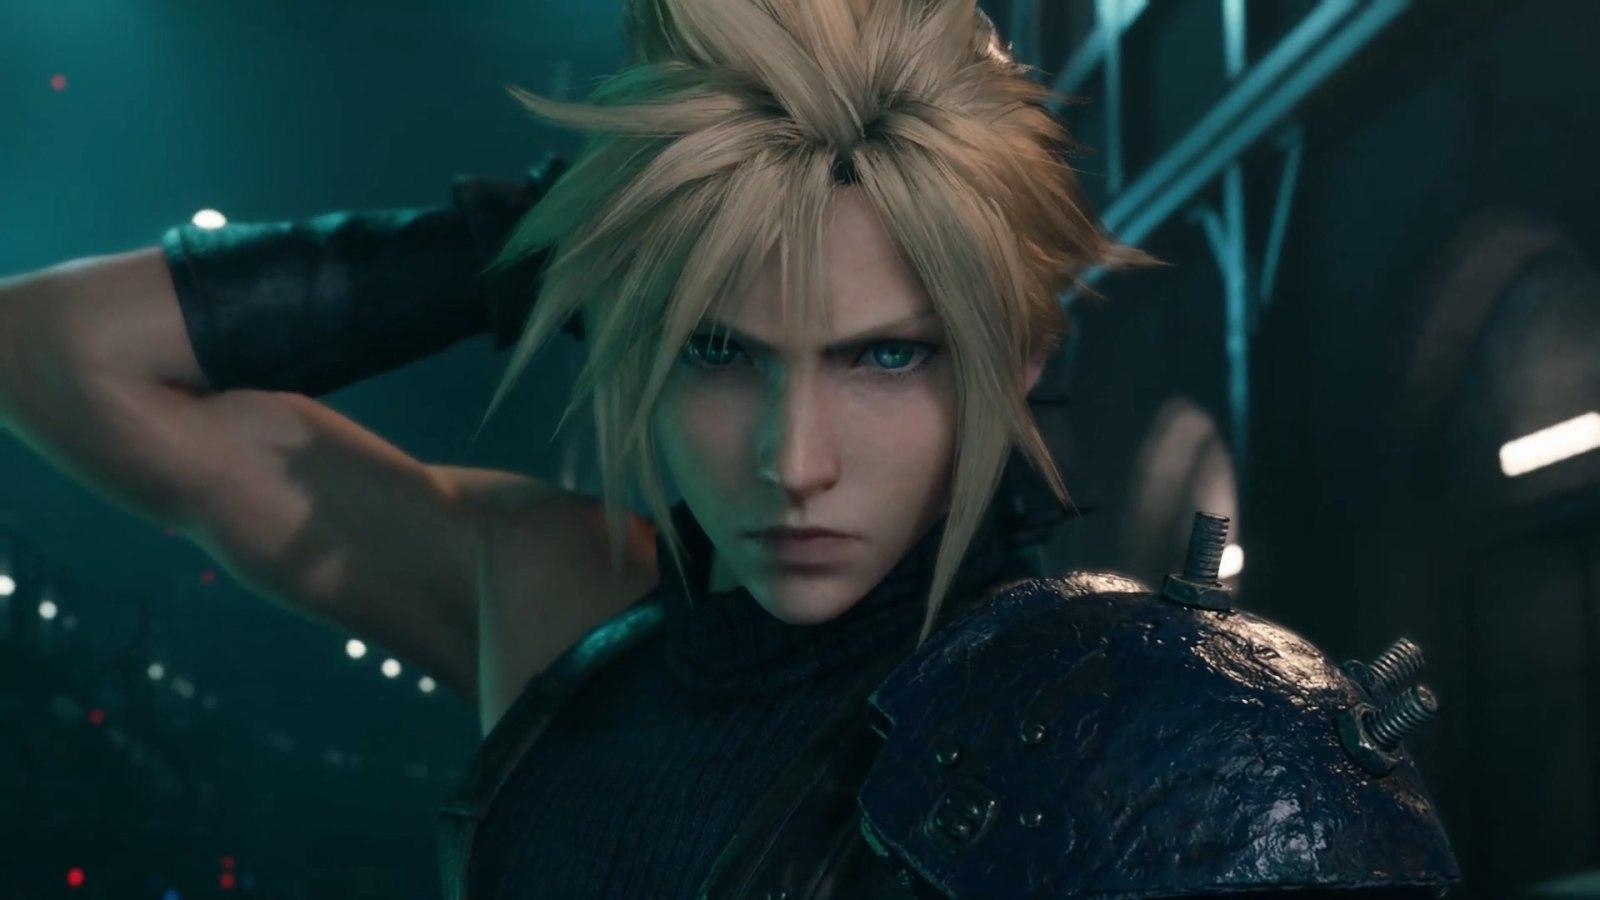 走了,新来的!《最终幻想7 重制版》公布开场5分钟视频